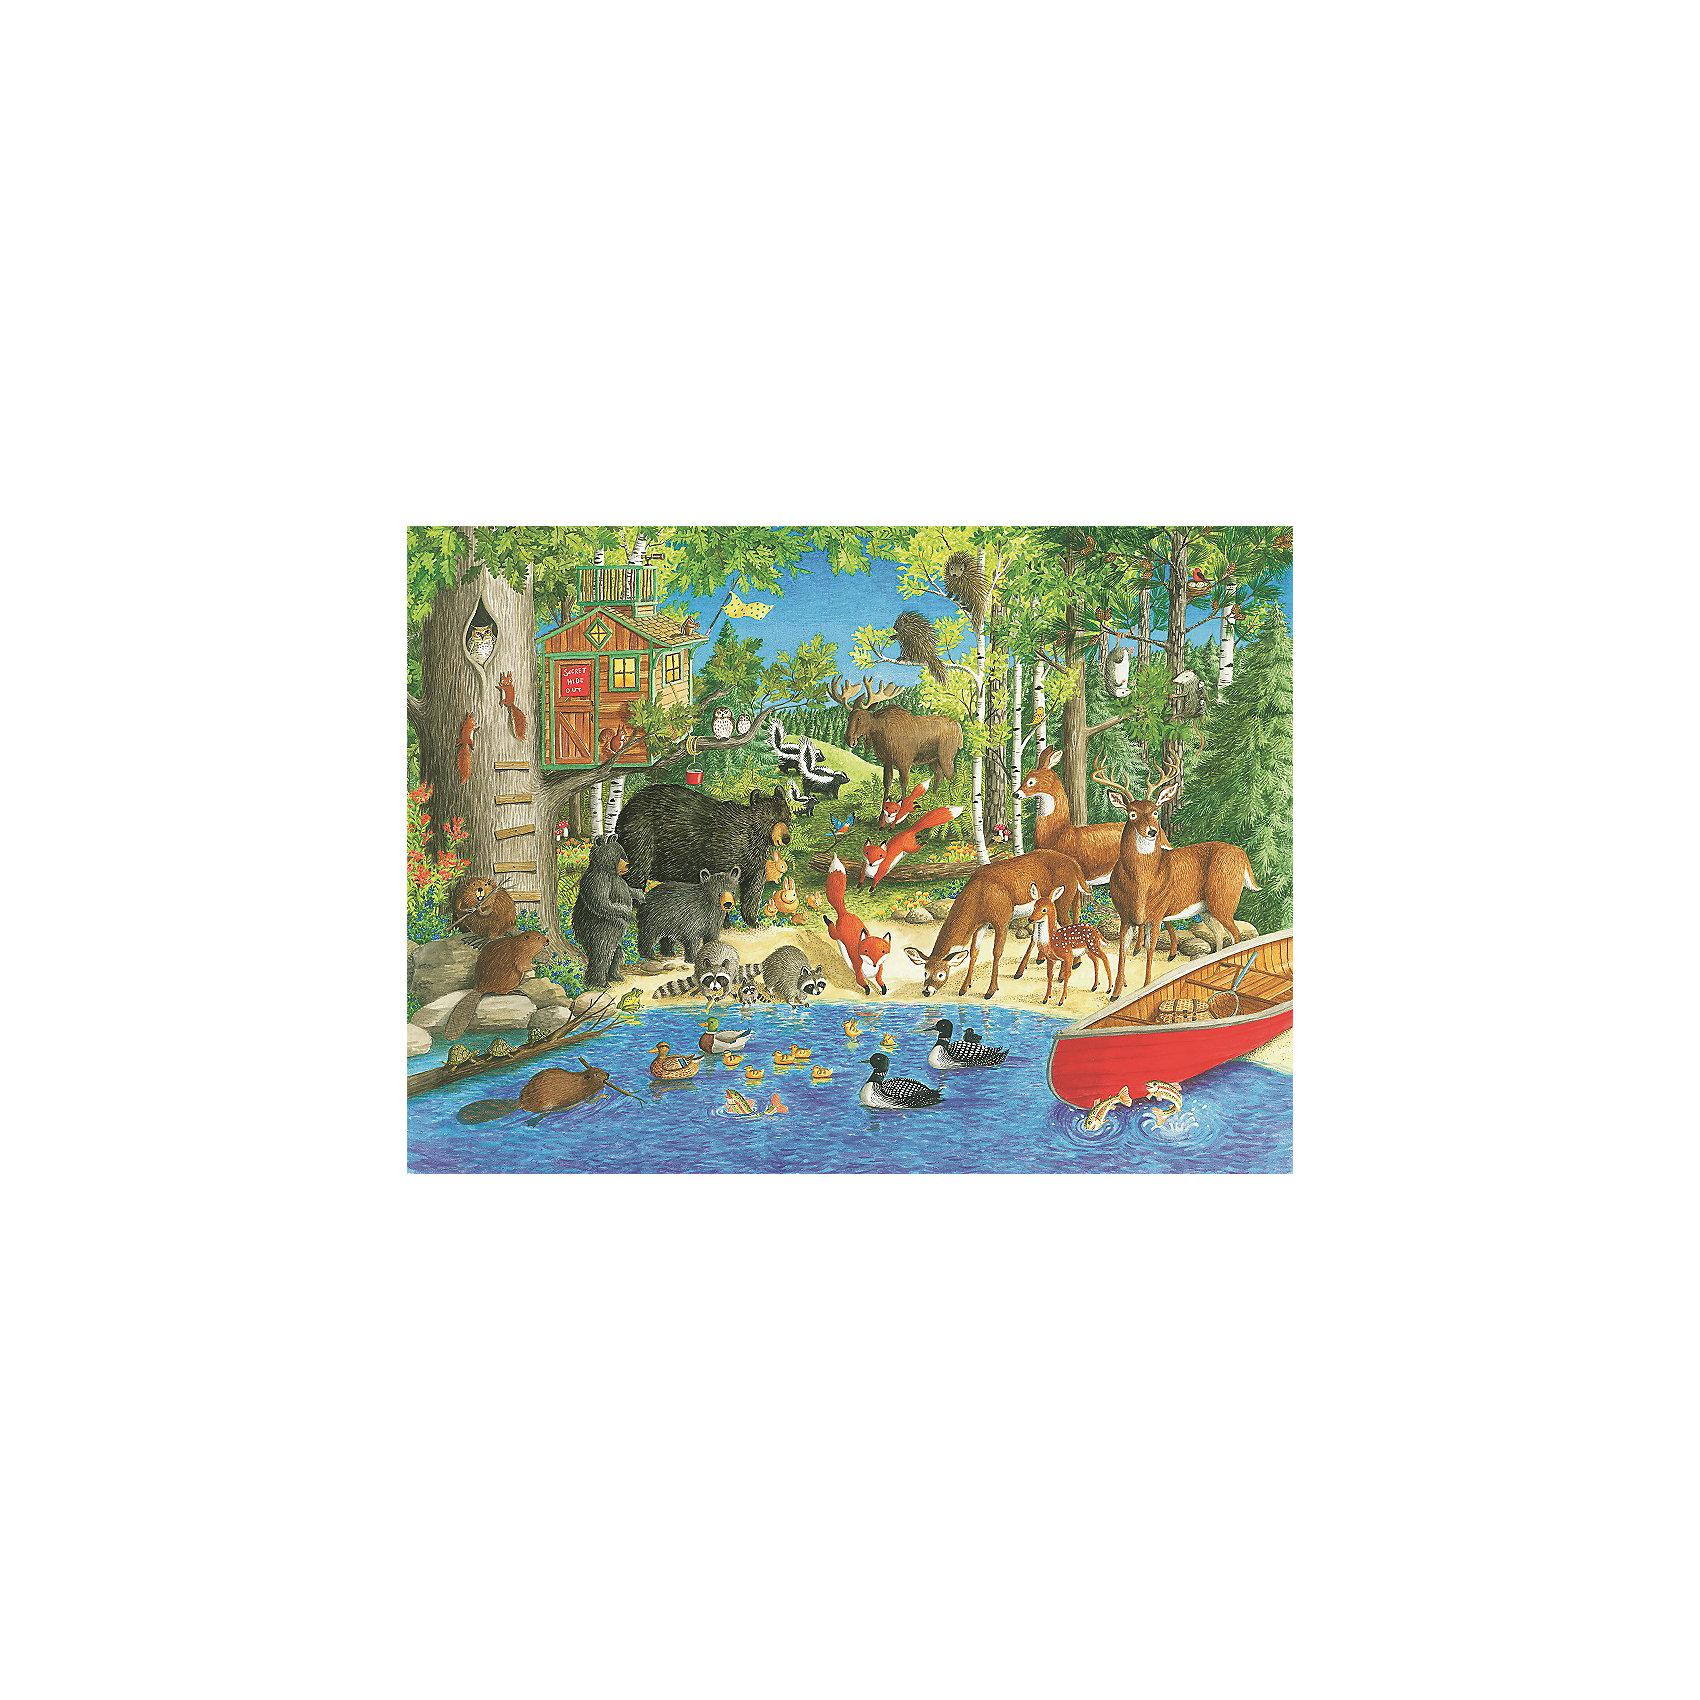 Пазл «Лесные жители» XXL 200 деталей, RavensburgerПазлы для детей постарше<br>Пазл «Лесные жители» XXL 200 деталей, Ravensburger (Равенсбургер) – яркий детский пазл, который понравится всем членам семьи.<br>Собрав пазл «Лесные жители» ребенок получит замечательную картинку с изображением очаровательных животных - обитателей леса. Пазл состоит из 200 качественных картонных деталей, которые не ломаются, не подвергаются деформации при сборке. Каждая деталь имеет свою форму и подходит только на свое место. Элементы пазла идеально соединяются друг с другом, не отслаиваются с течением времени. Матовая поверхность исключает отблески. Пазлы Ravensburger (Равенсбургер)- это высочайшее качество картона и полиграфии. Пазлы - замечательная развивающая игра для детей. Собирание пазла развивает у ребенка мелкую моторику рук, тренирует наблюдательность, логическое мышление, знакомит с окружающим миром, с цветом и разнообразными формами, учит усидчивости и терпению, аккуратности и вниманию.<br><br>Дополнительная информация:<br><br>- Количество деталей: 200 шт.<br>- Размер картинки: 49 х 36 см.<br>- Материал: картон<br>- Размер упаковки: 34 х 23 х 4 см.<br>- Вес: 571 гр.<br><br>Пазл «Лесные жители» XXL 200 деталей, Ravensburger (Равенсбургер) можно купить в нашем интернет-магазине.<br><br>Ширина мм: 340<br>Глубина мм: 230<br>Высота мм: 40<br>Вес г: 571<br>Возраст от месяцев: 96<br>Возраст до месяцев: 168<br>Пол: Унисекс<br>Возраст: Детский<br>Количество деталей: 200<br>SKU: 4214566